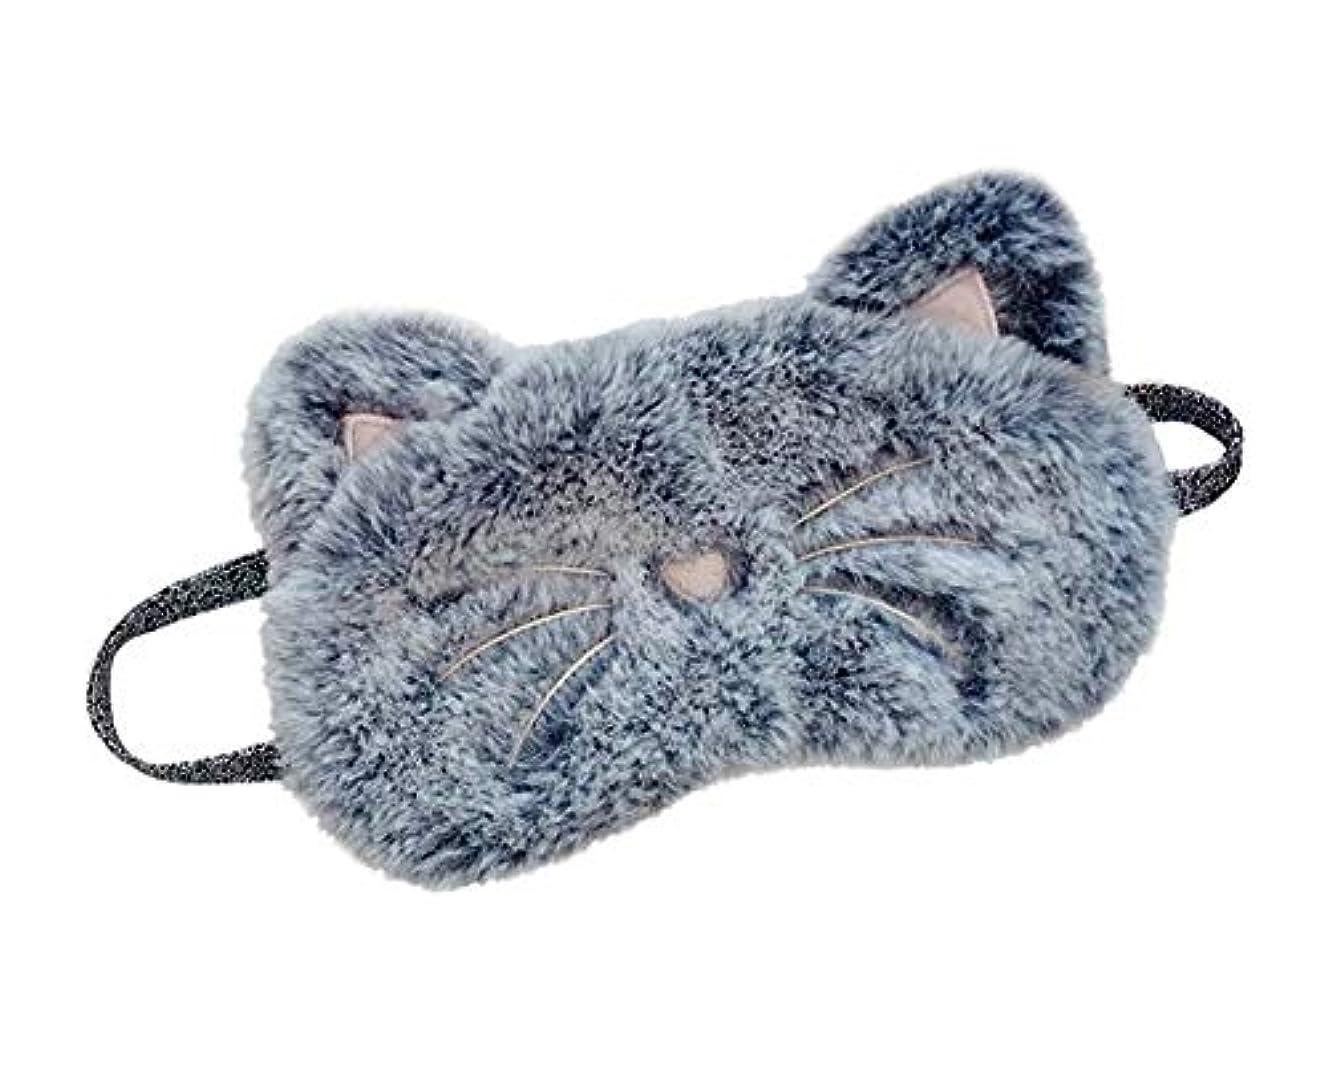 ホテルパワーセル北方かわいい動物漫画猫睡眠アイマスクソフトアイカバー目隠しマスク